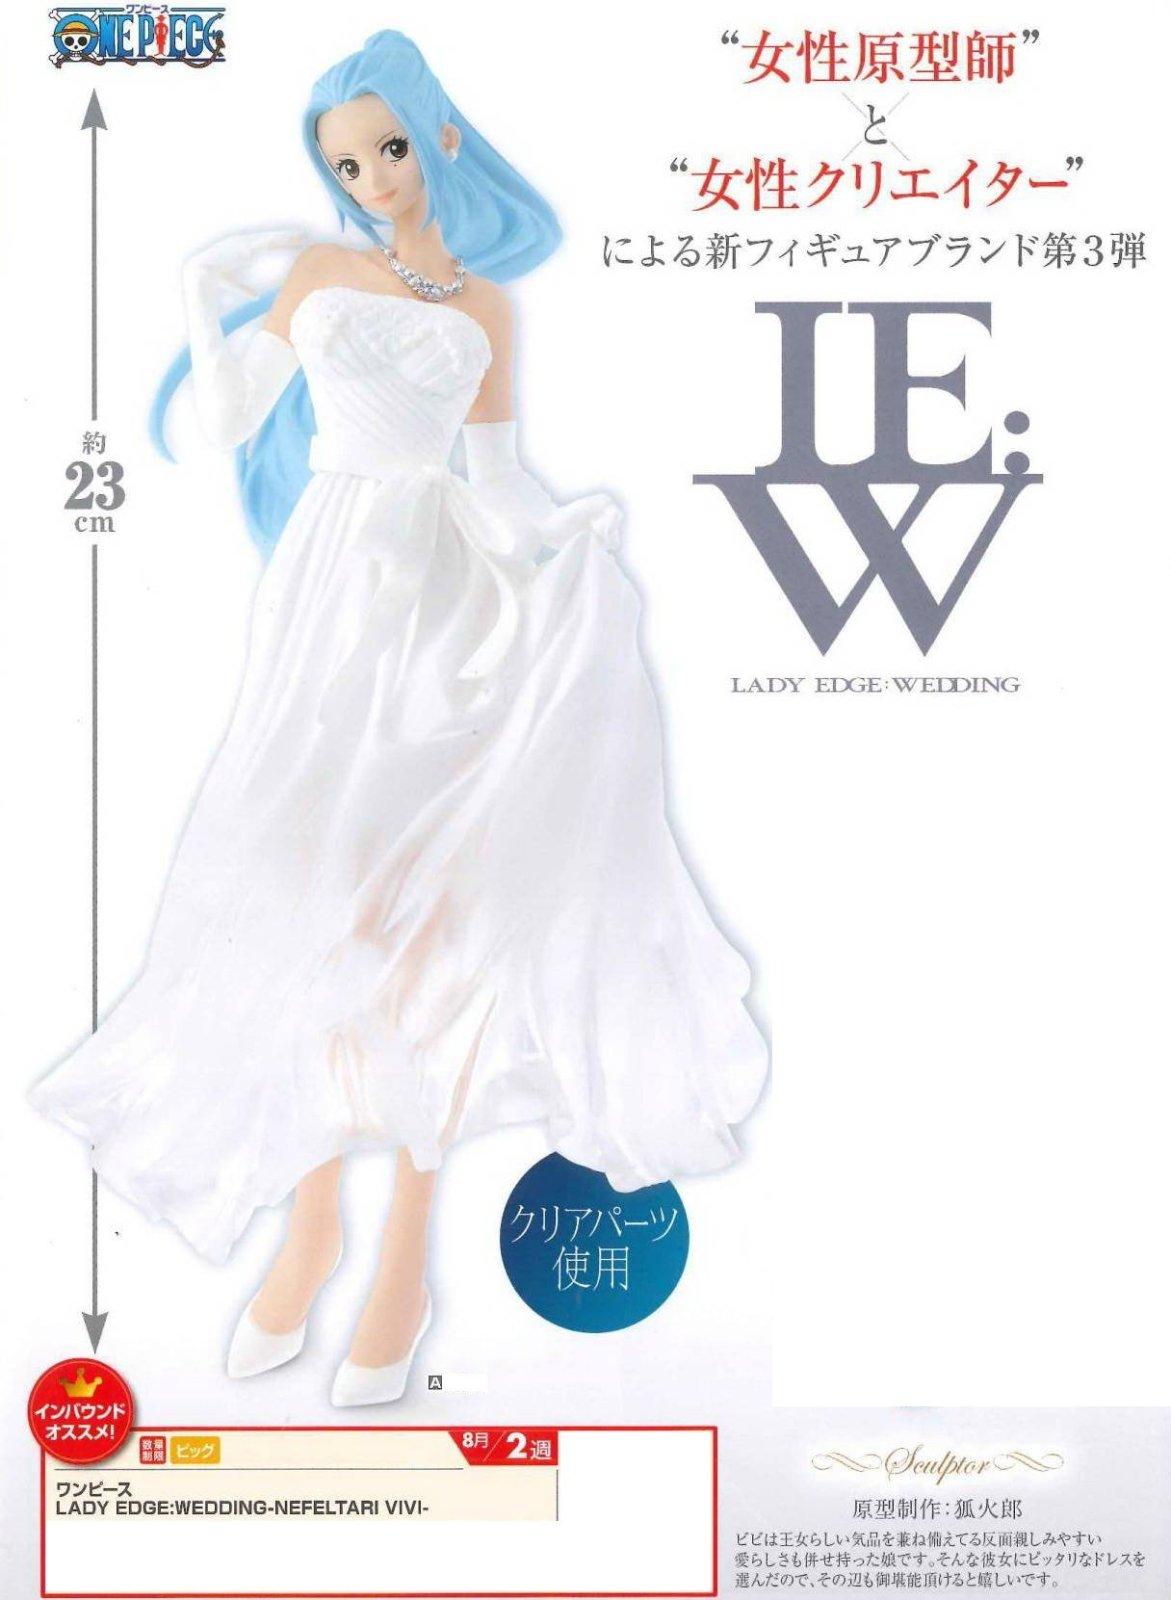 日版金證 LADY EDGE WEDDING 婚紗 薇薇公主 單售 白色款 海賊王 公仔